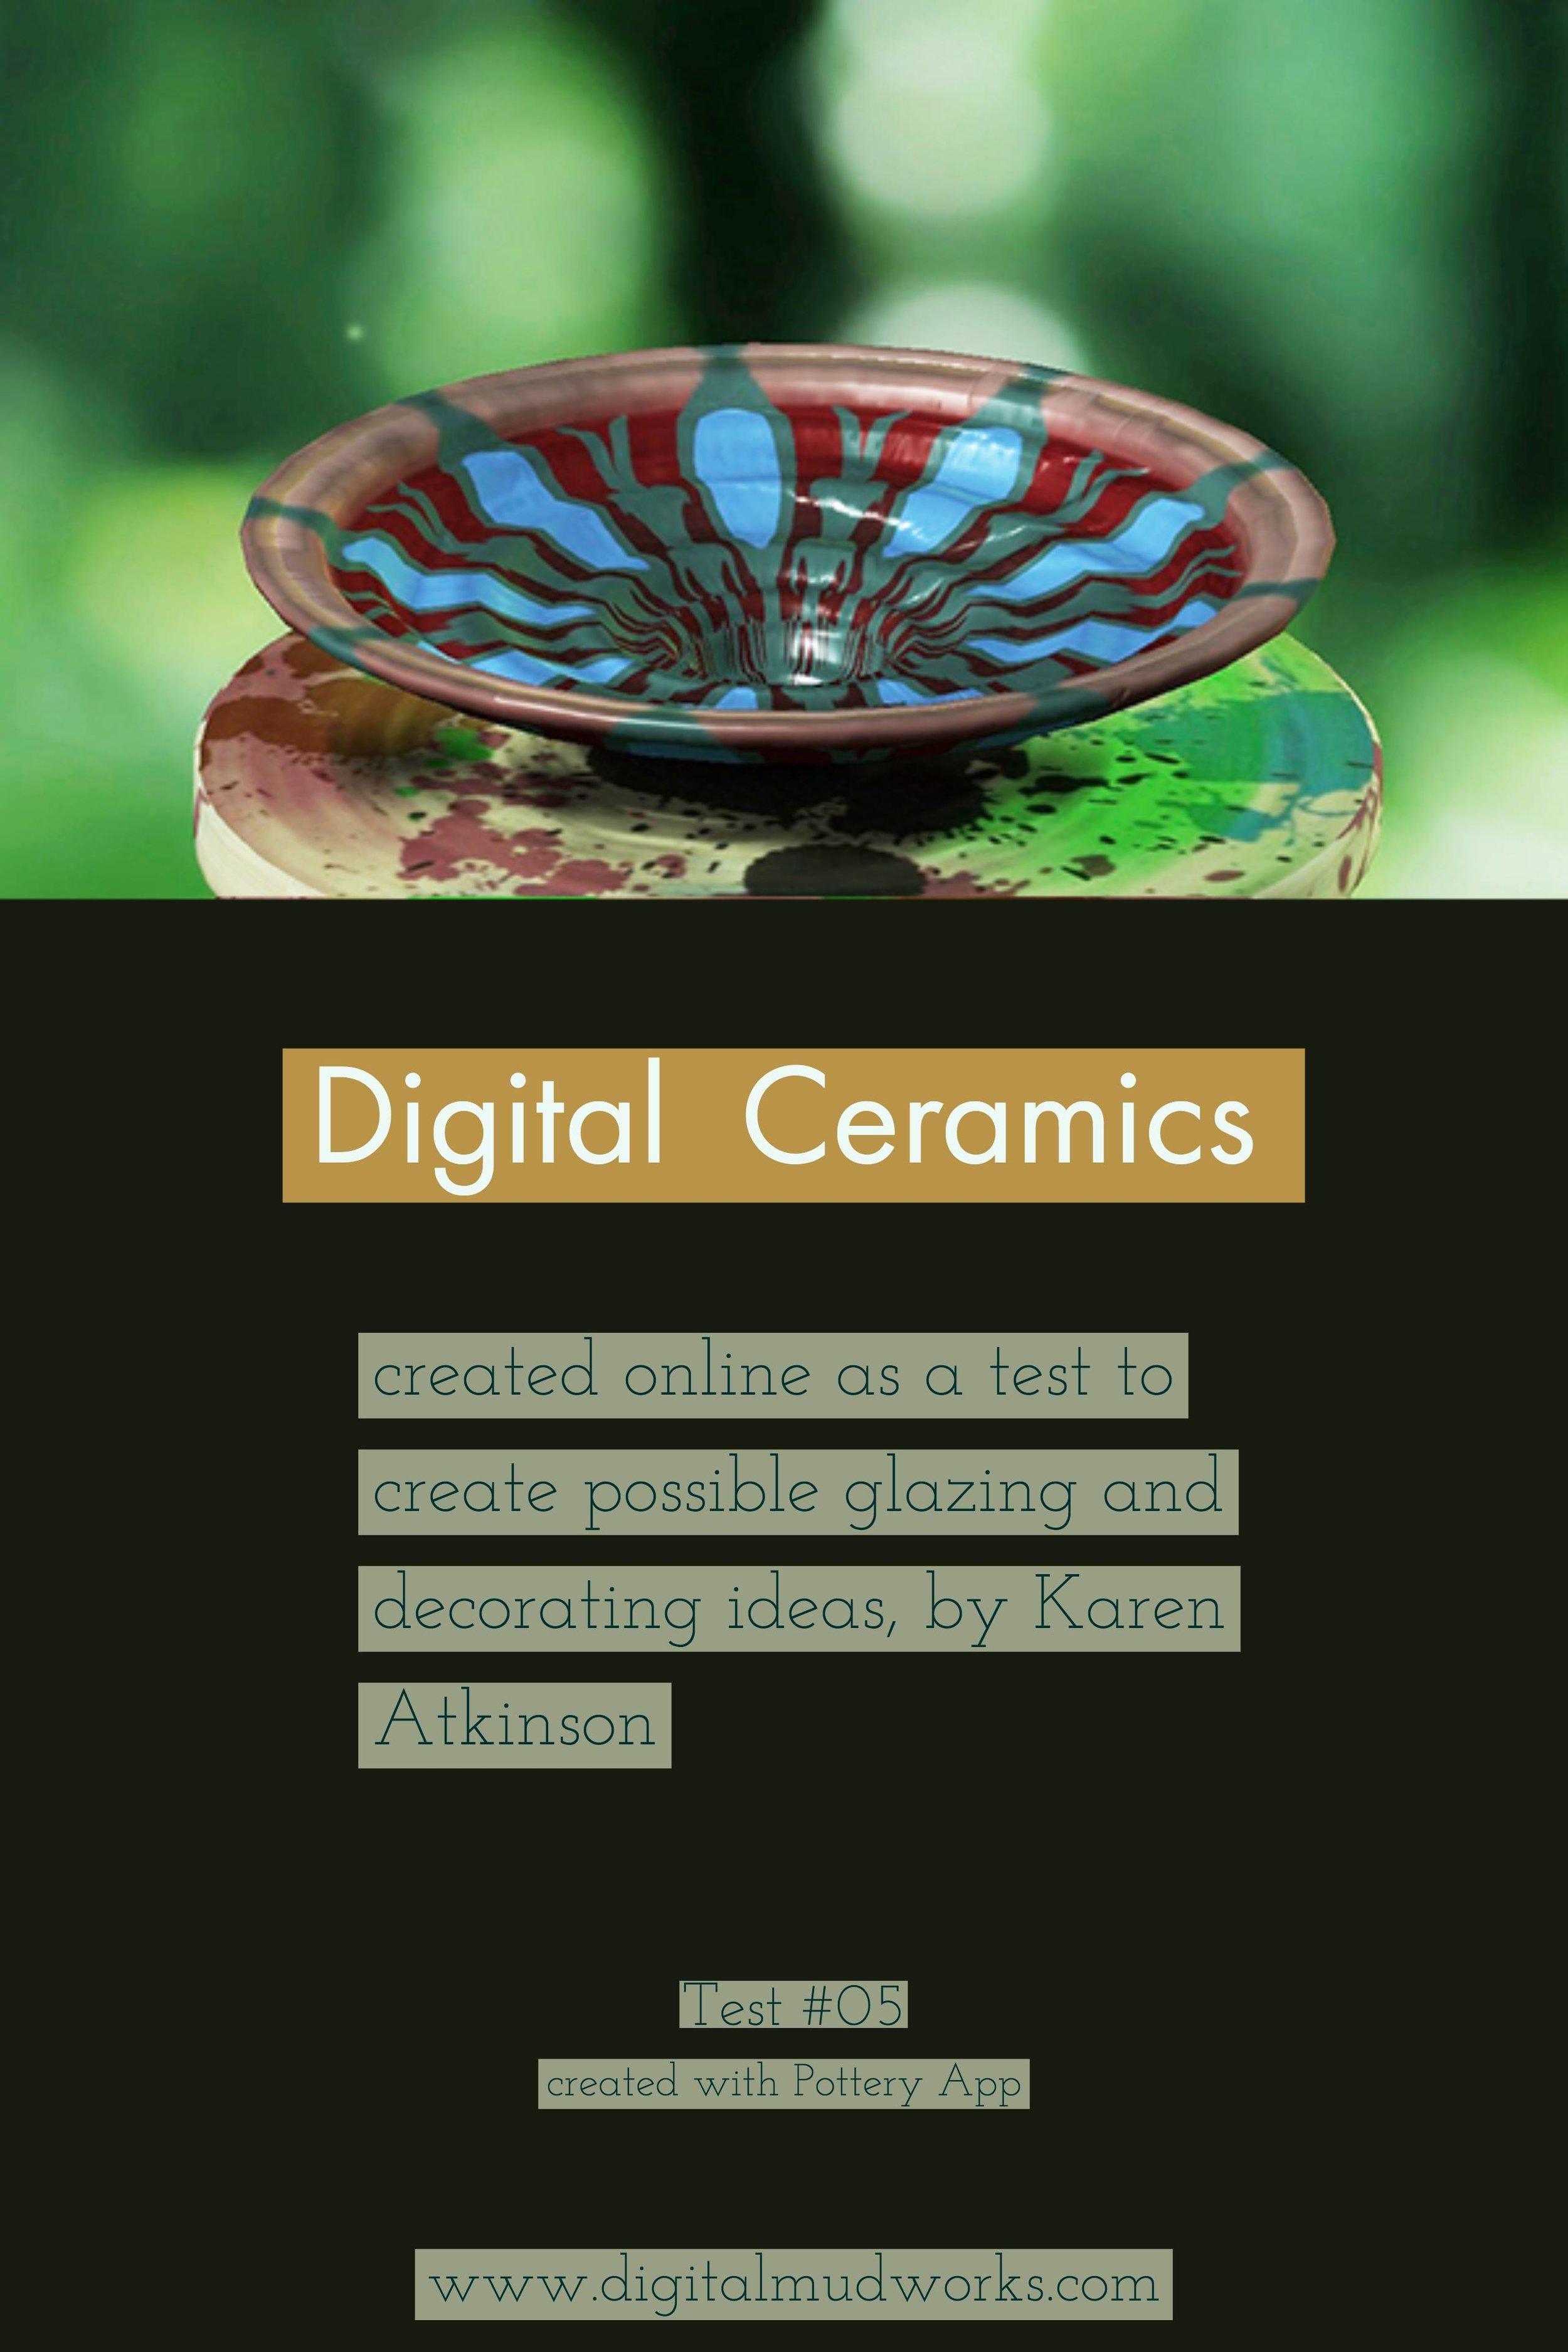 Digital Ceramics Test 05, using a computer app to do glaze and design tests. by Karen Atkinson